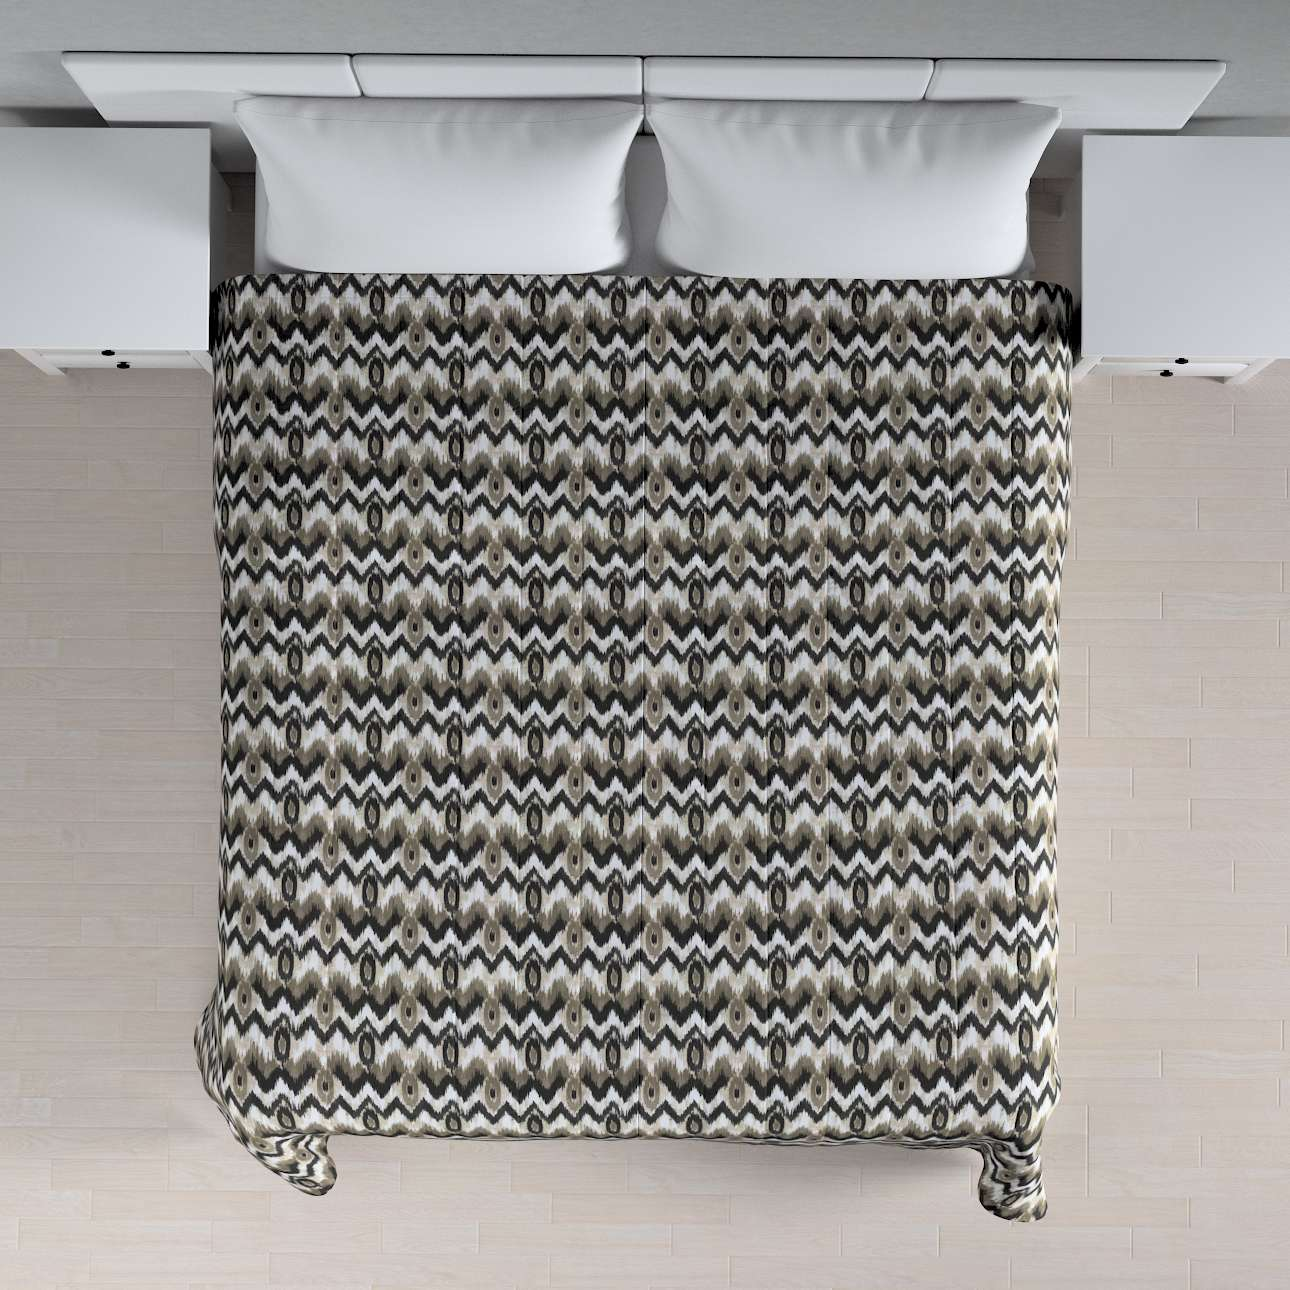 Narzuta pikowana w pasy w kolekcji Modern, tkanina: 141-88